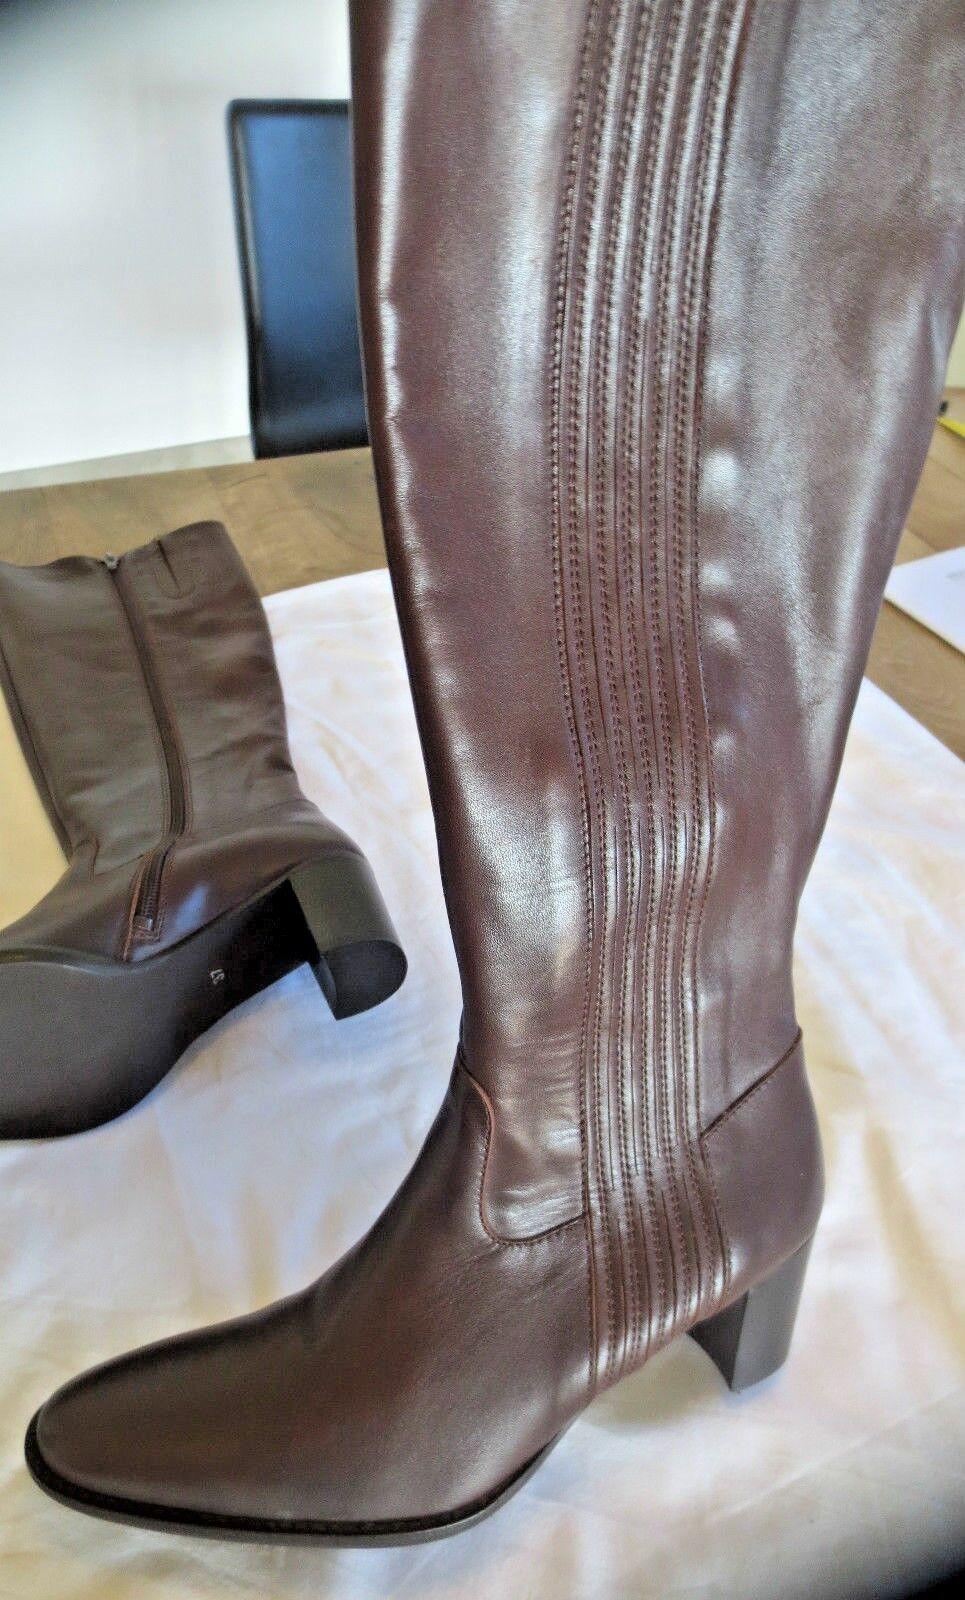 M par M Botte cuir marron elastiqué+fermetureNEUVE Valeur179E Pointures 35,36,37